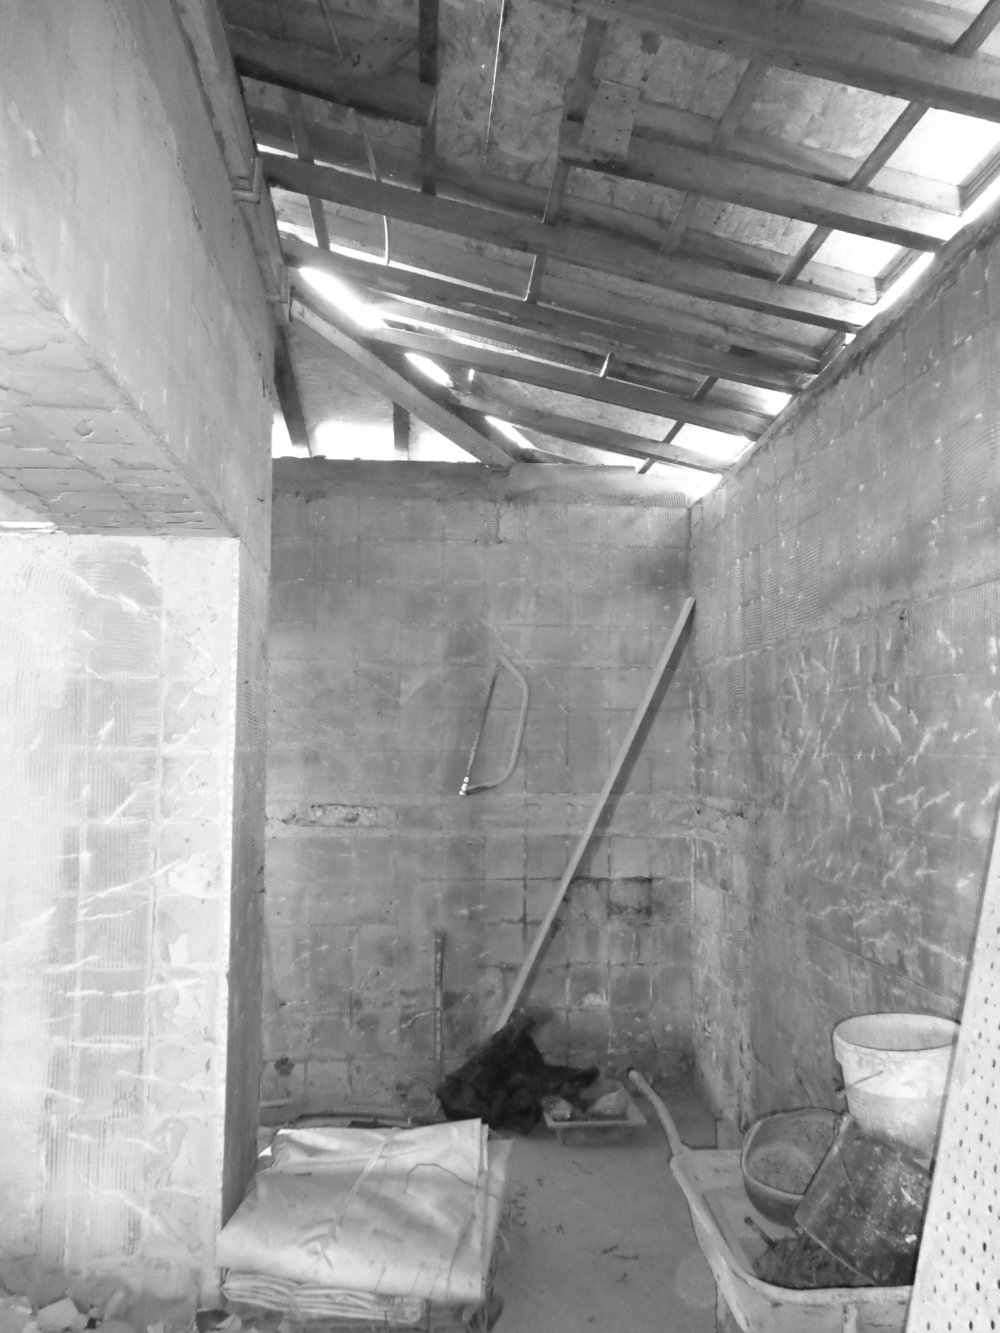 decoracao de interiores sao joao da madeira : decoracao de interiores sao joao da madeira: – são joão da madeira – remodelação – arquitectos porto (12).jpg